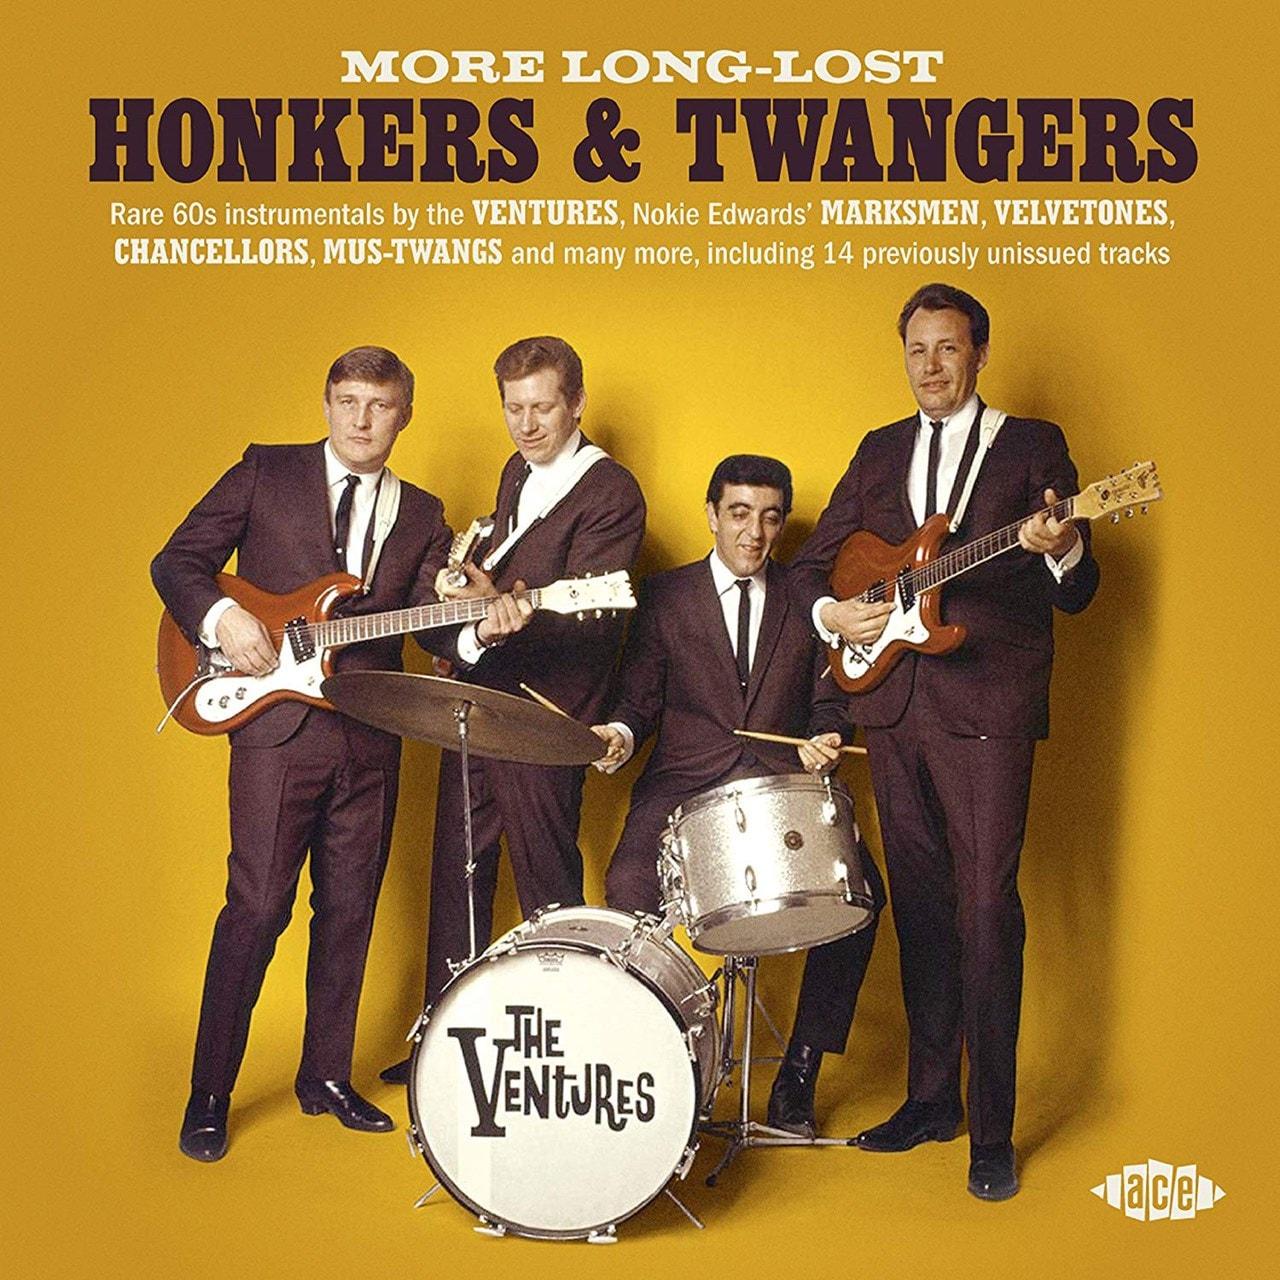 More Long-lost Honkers & Twangers - 1